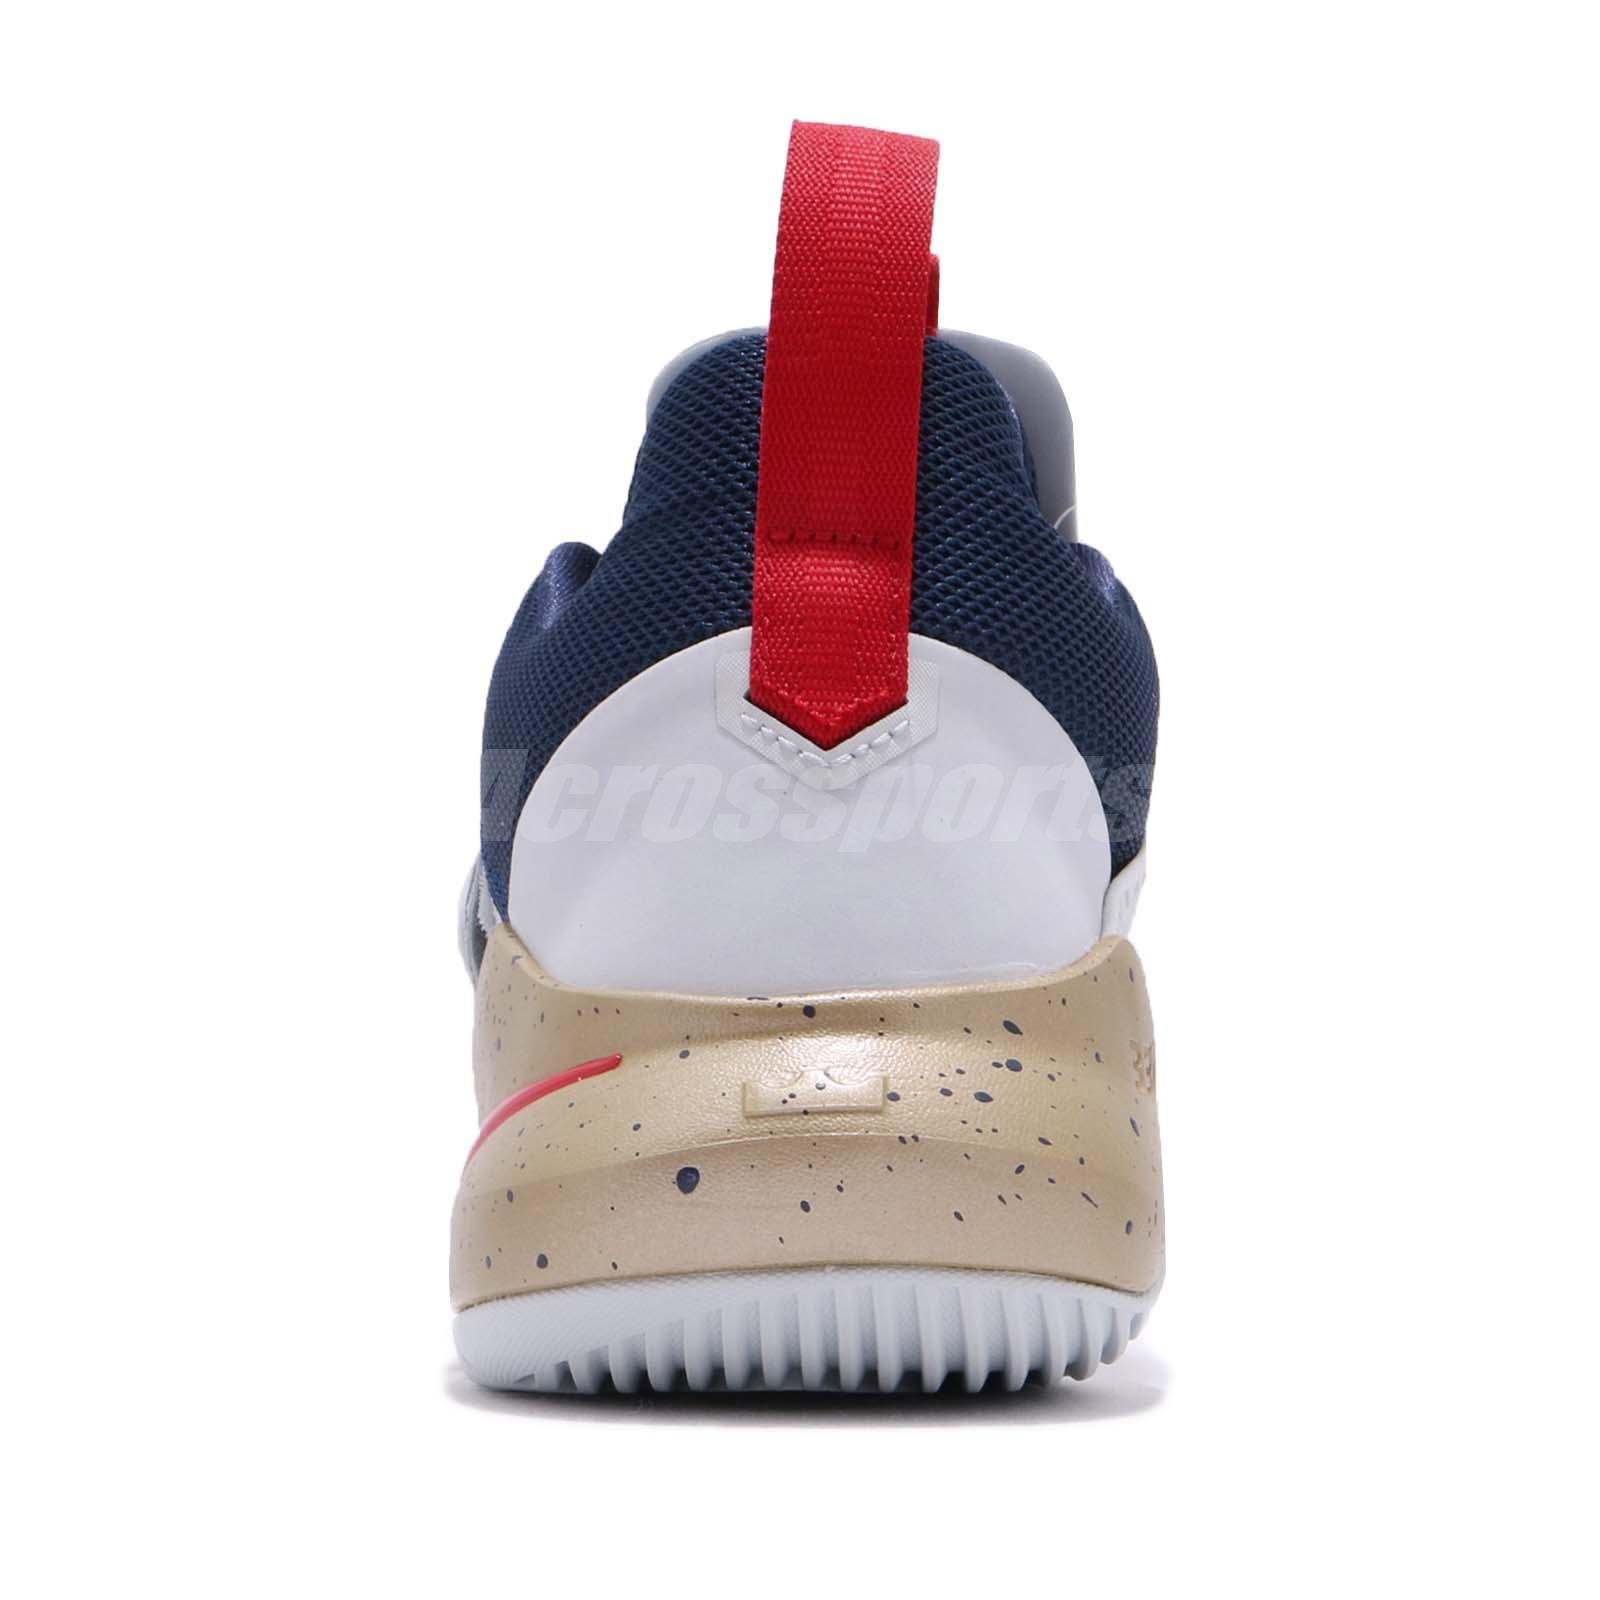 8a47e21c6d4 Lebron James Gold Red X1 Shoes